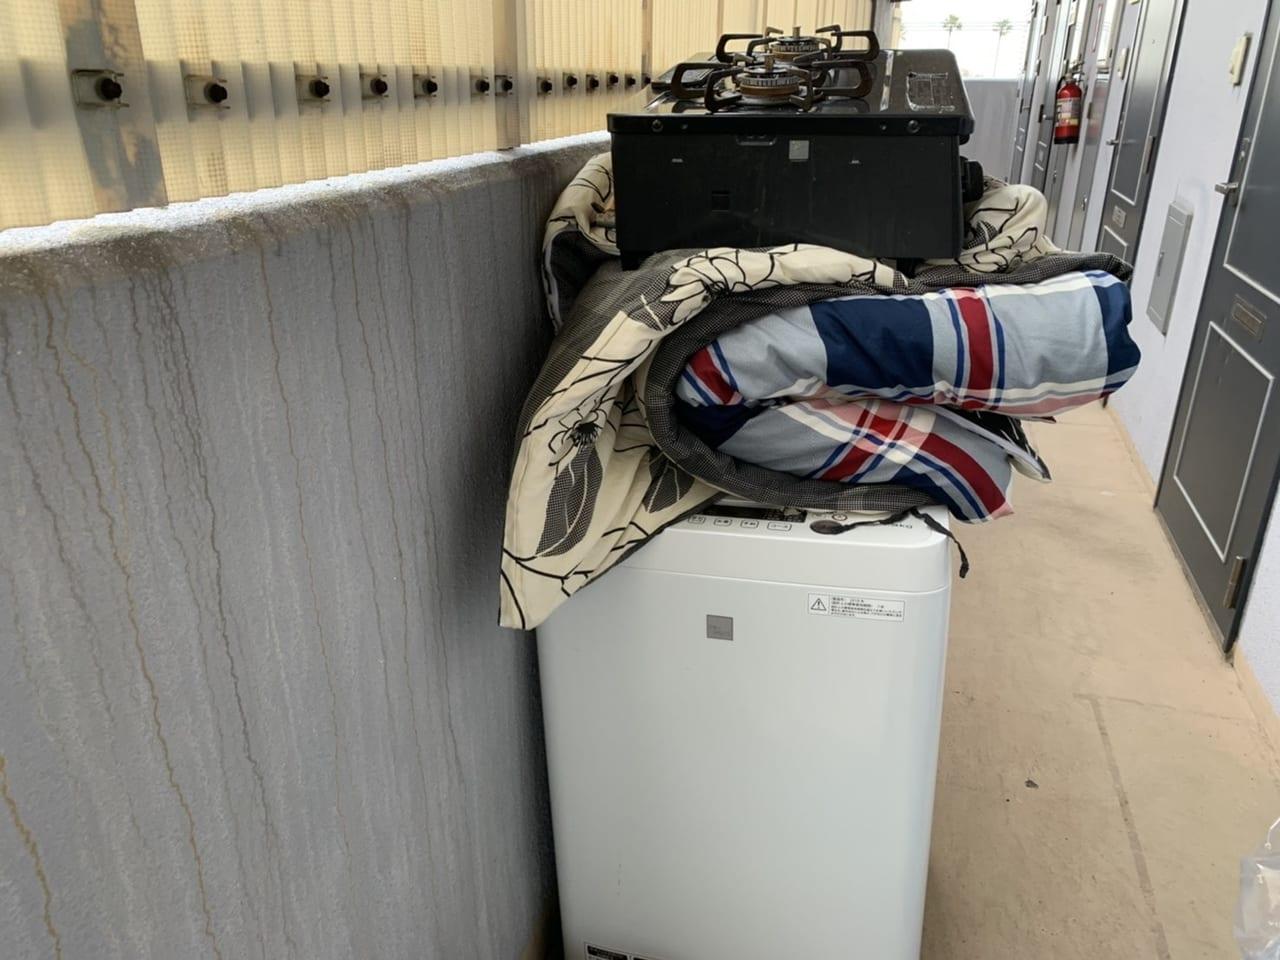 岡山県瀬戸内市周辺のS様不用品回収前画像